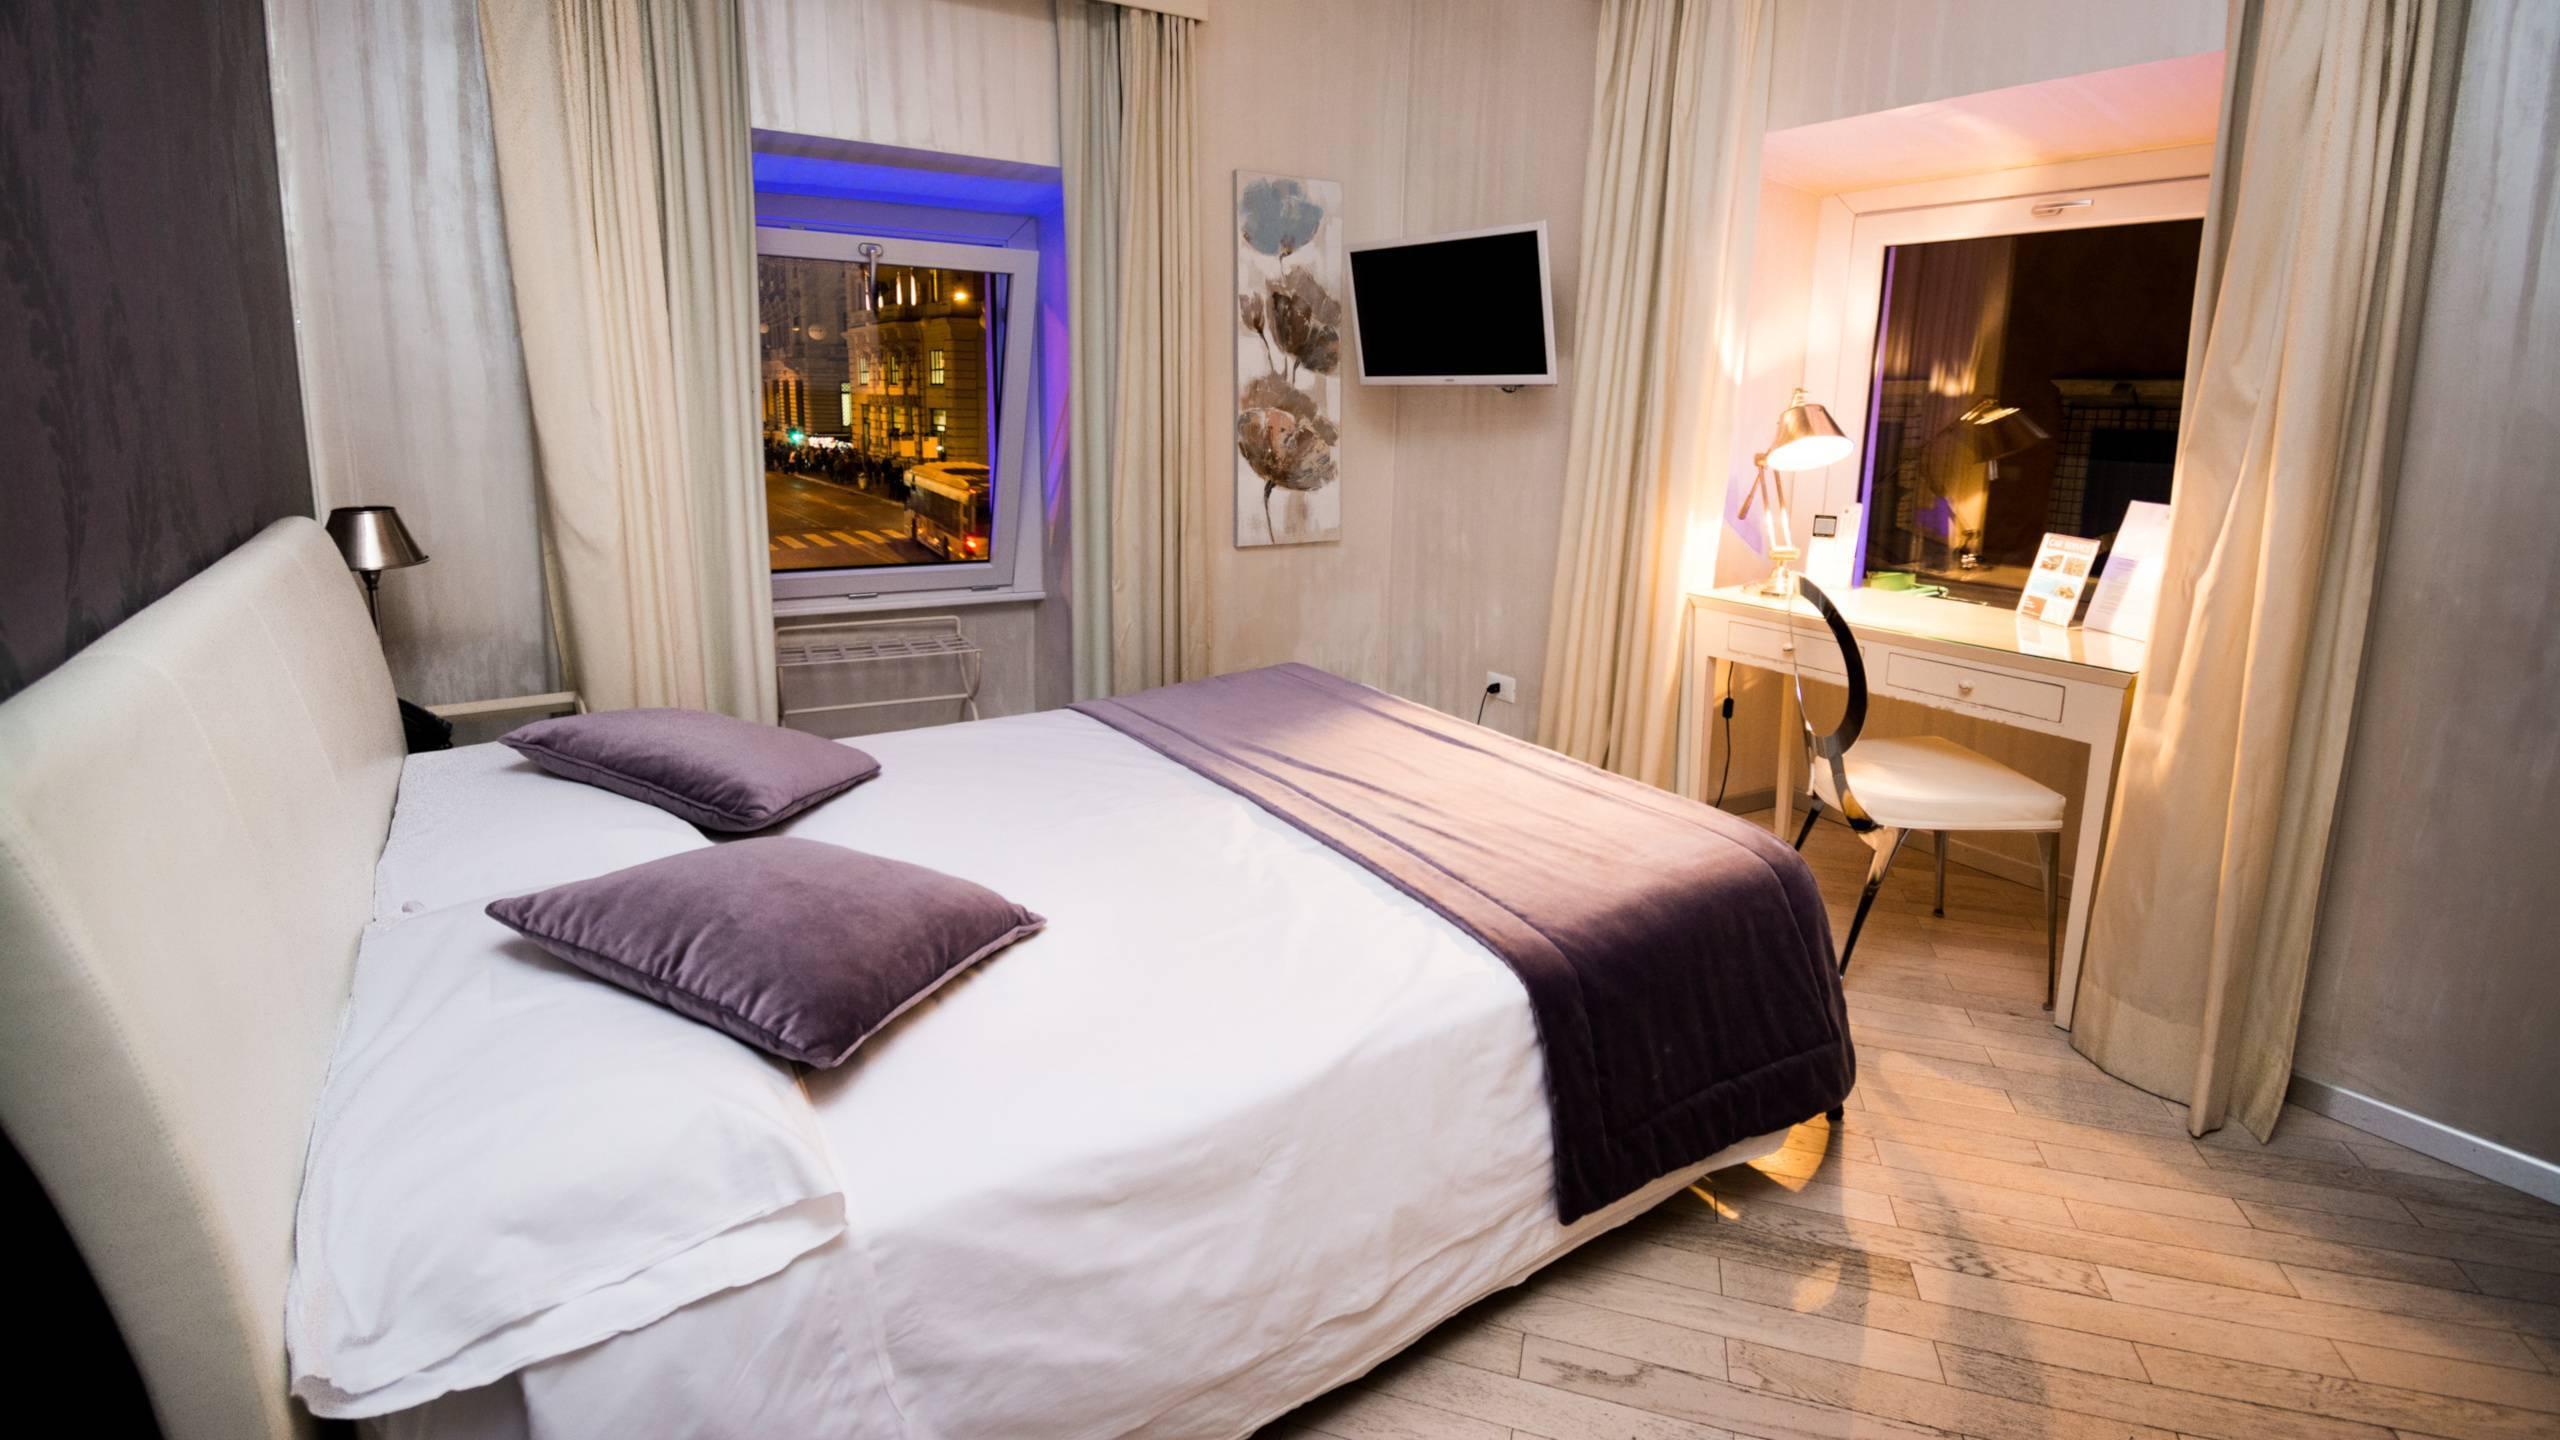 LBH-Hotel-Caravita-roma-classic-COPERTINA-1